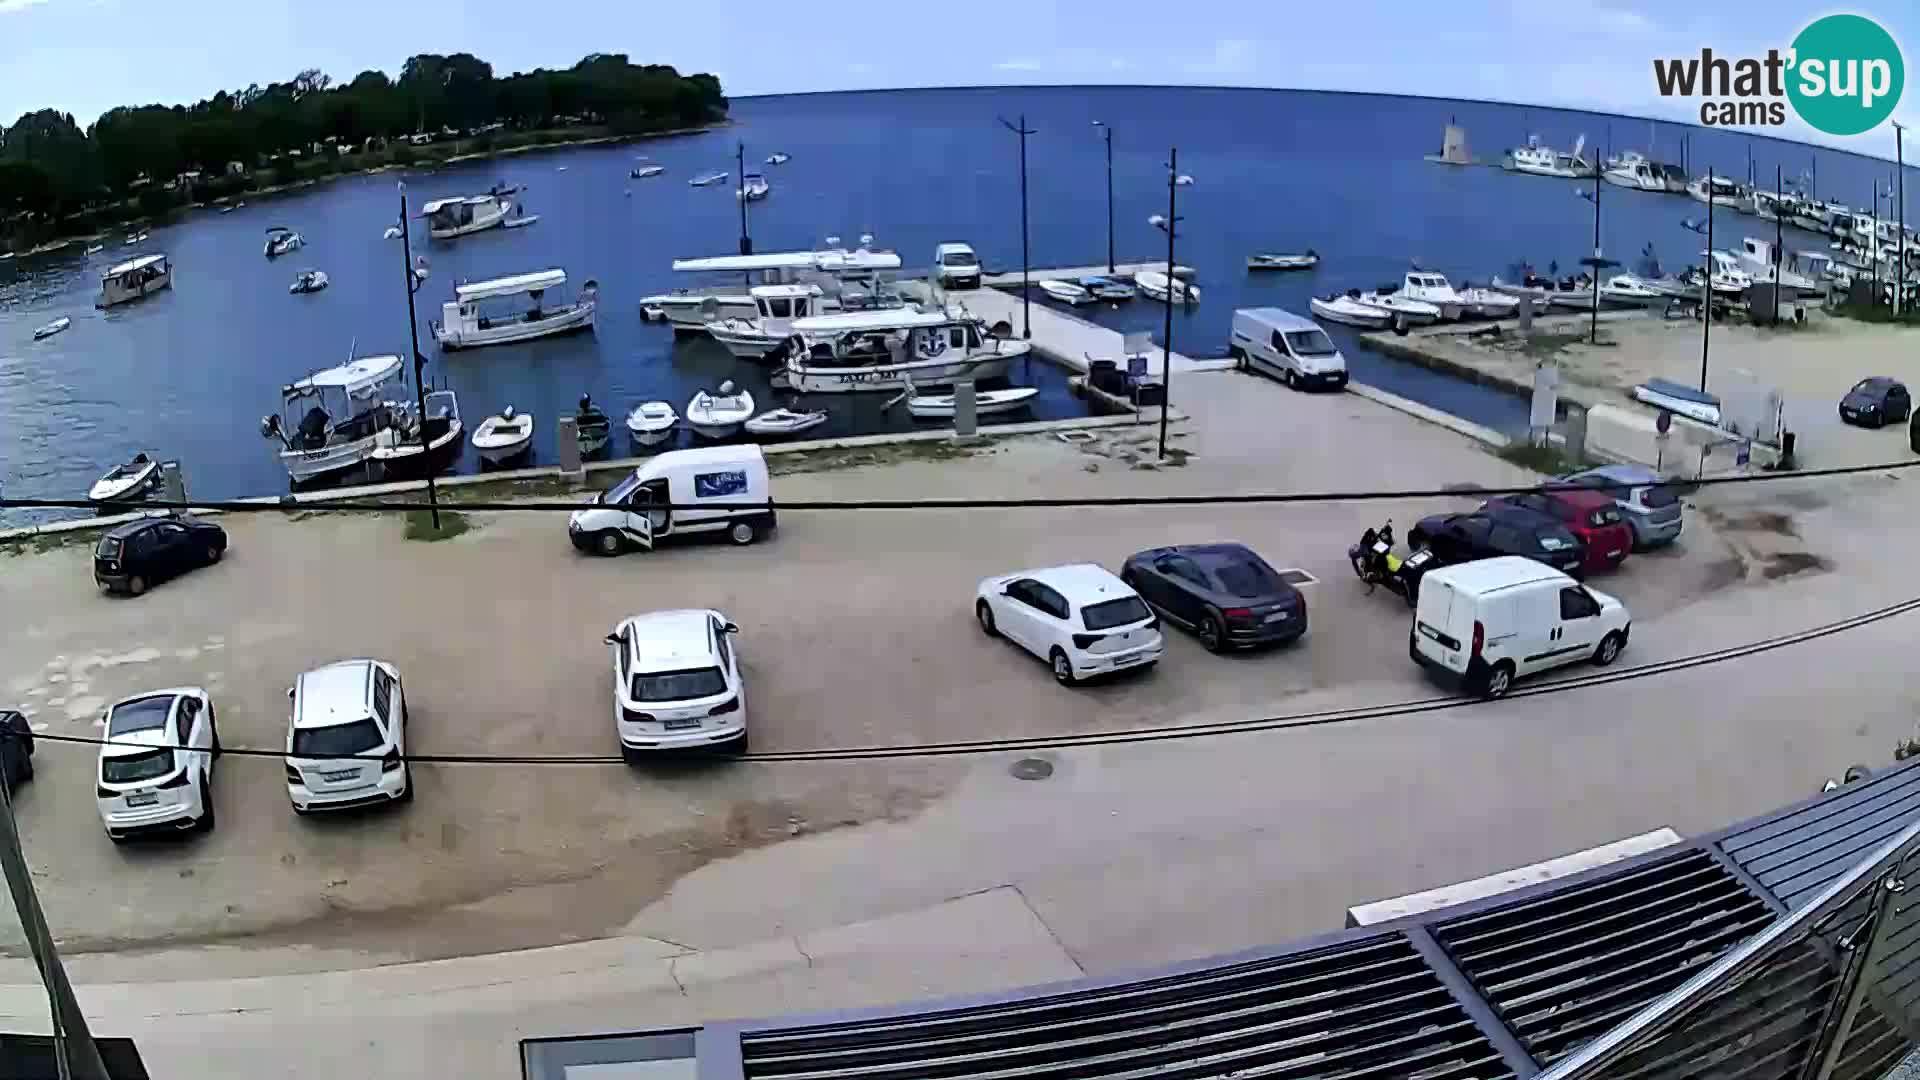 Savudrija webcam – marina